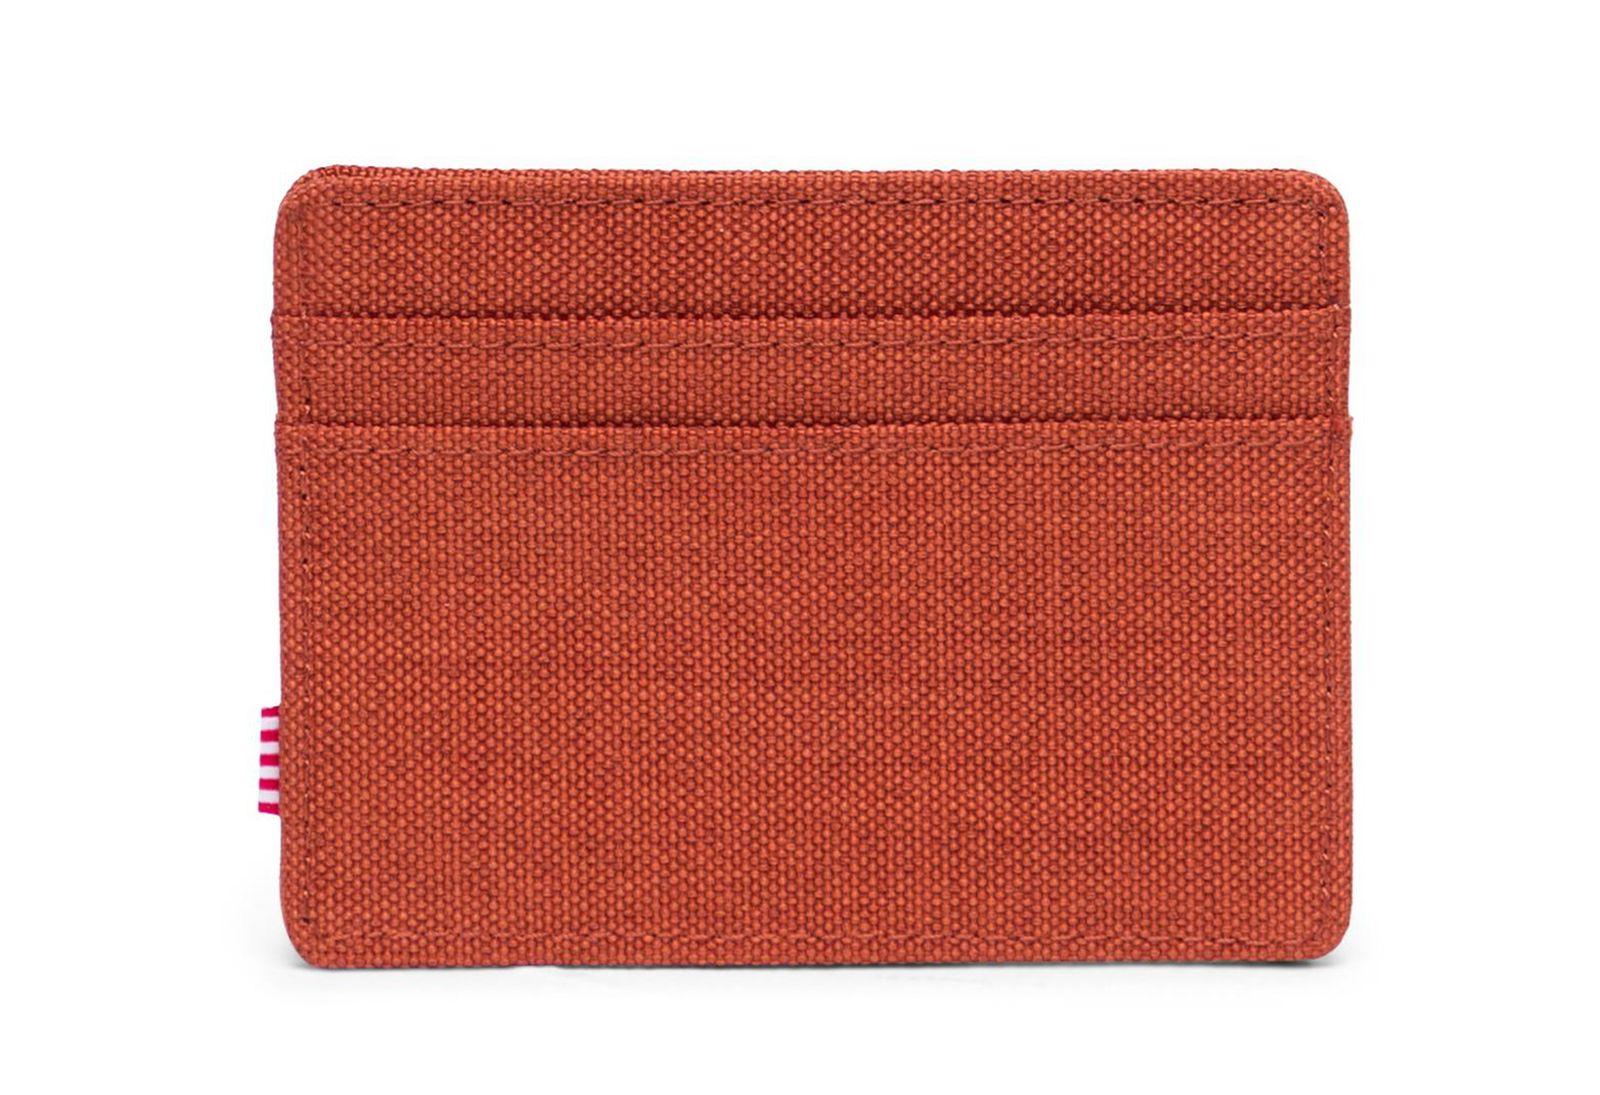 Herschel Charlie Rfid Wallet Picante Crosshatch